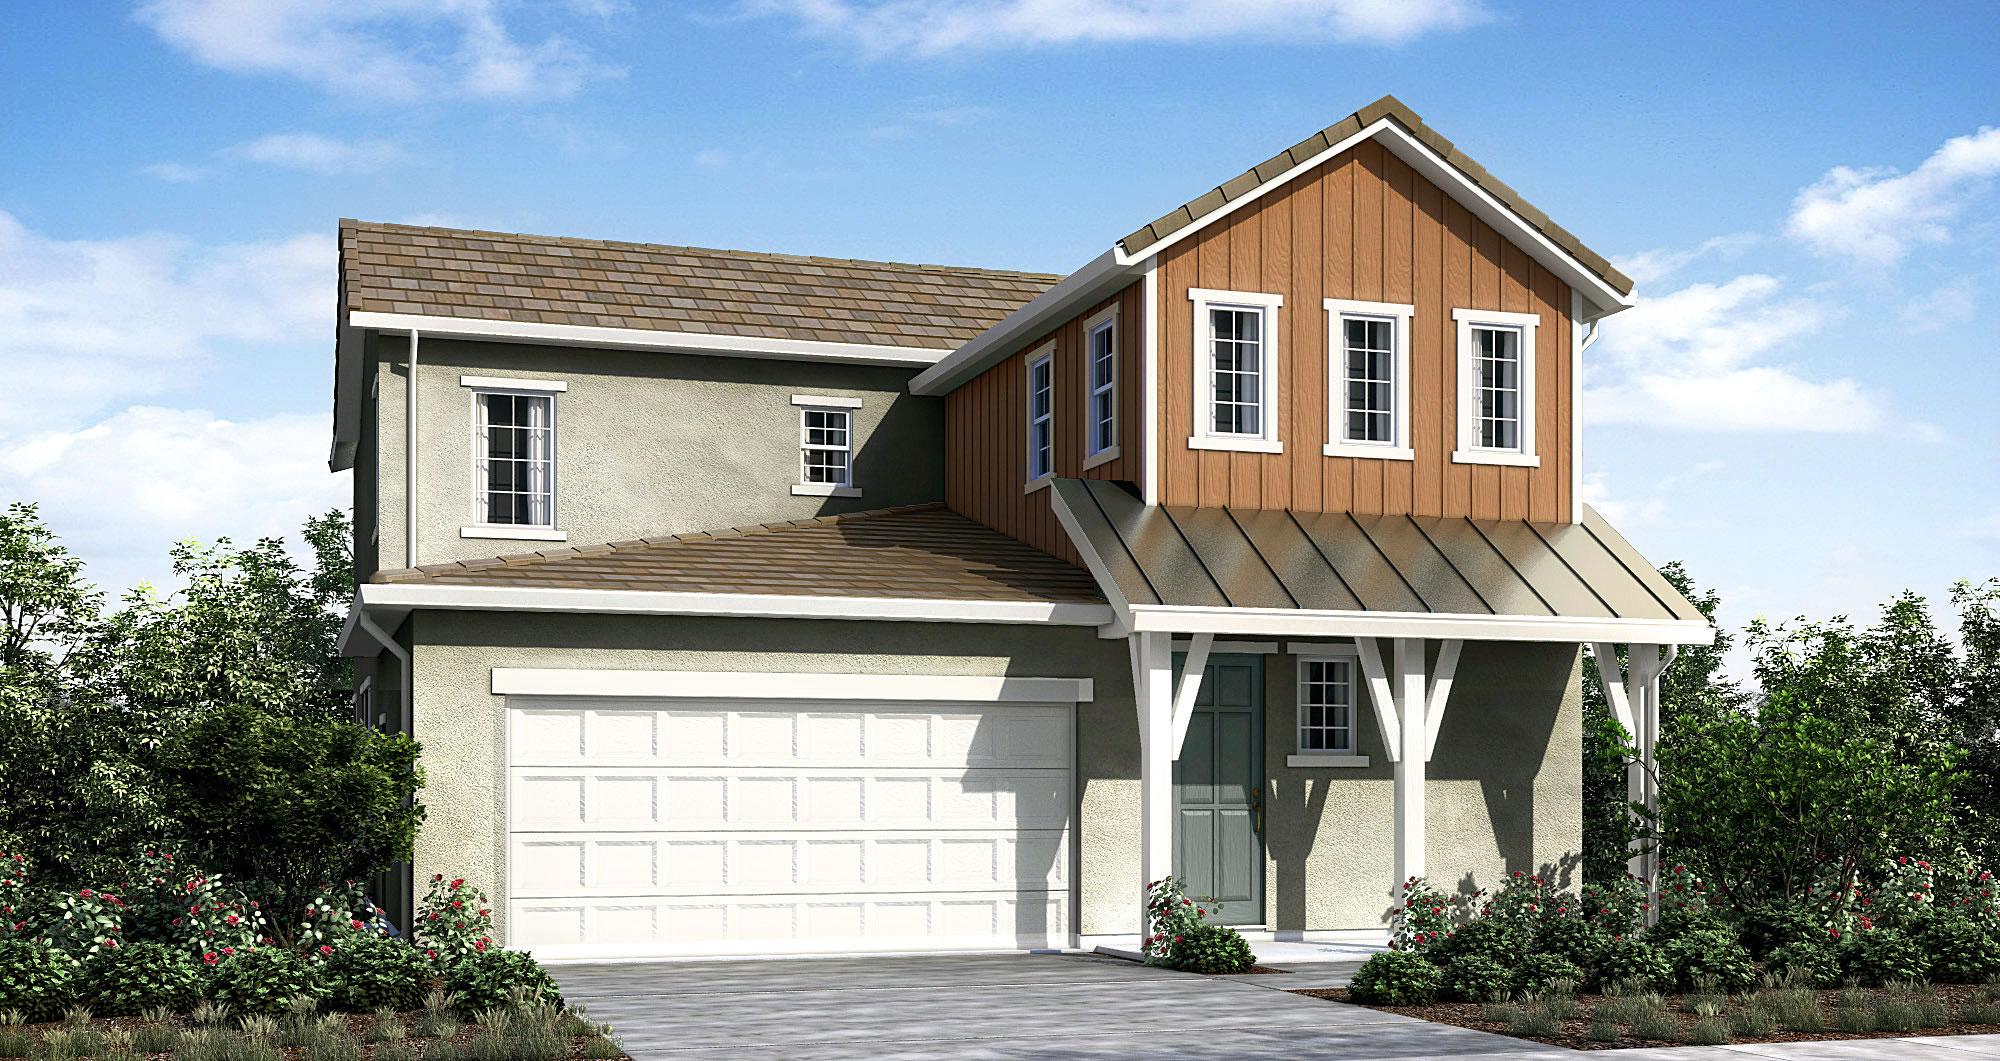 Plan 1 Model 3 bedroom 3 bath new home in Elk Grove CA